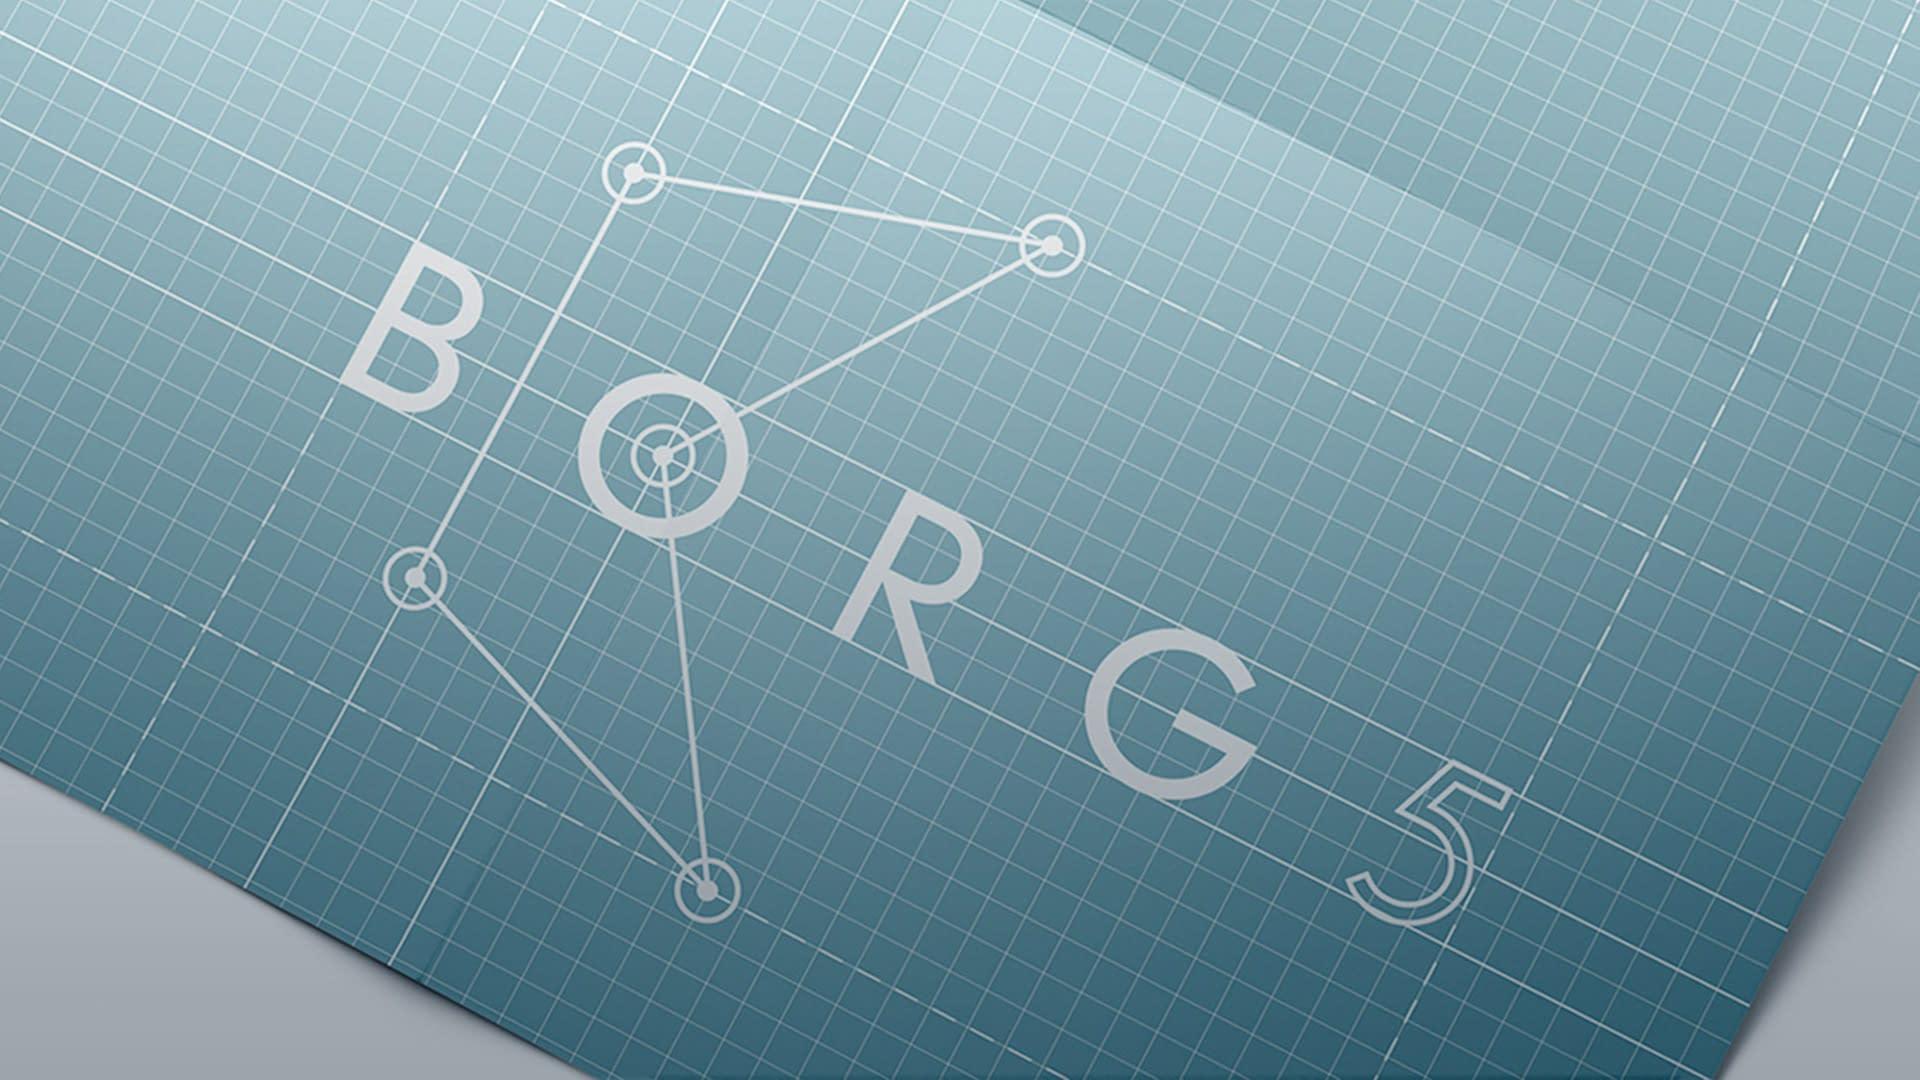 borg5